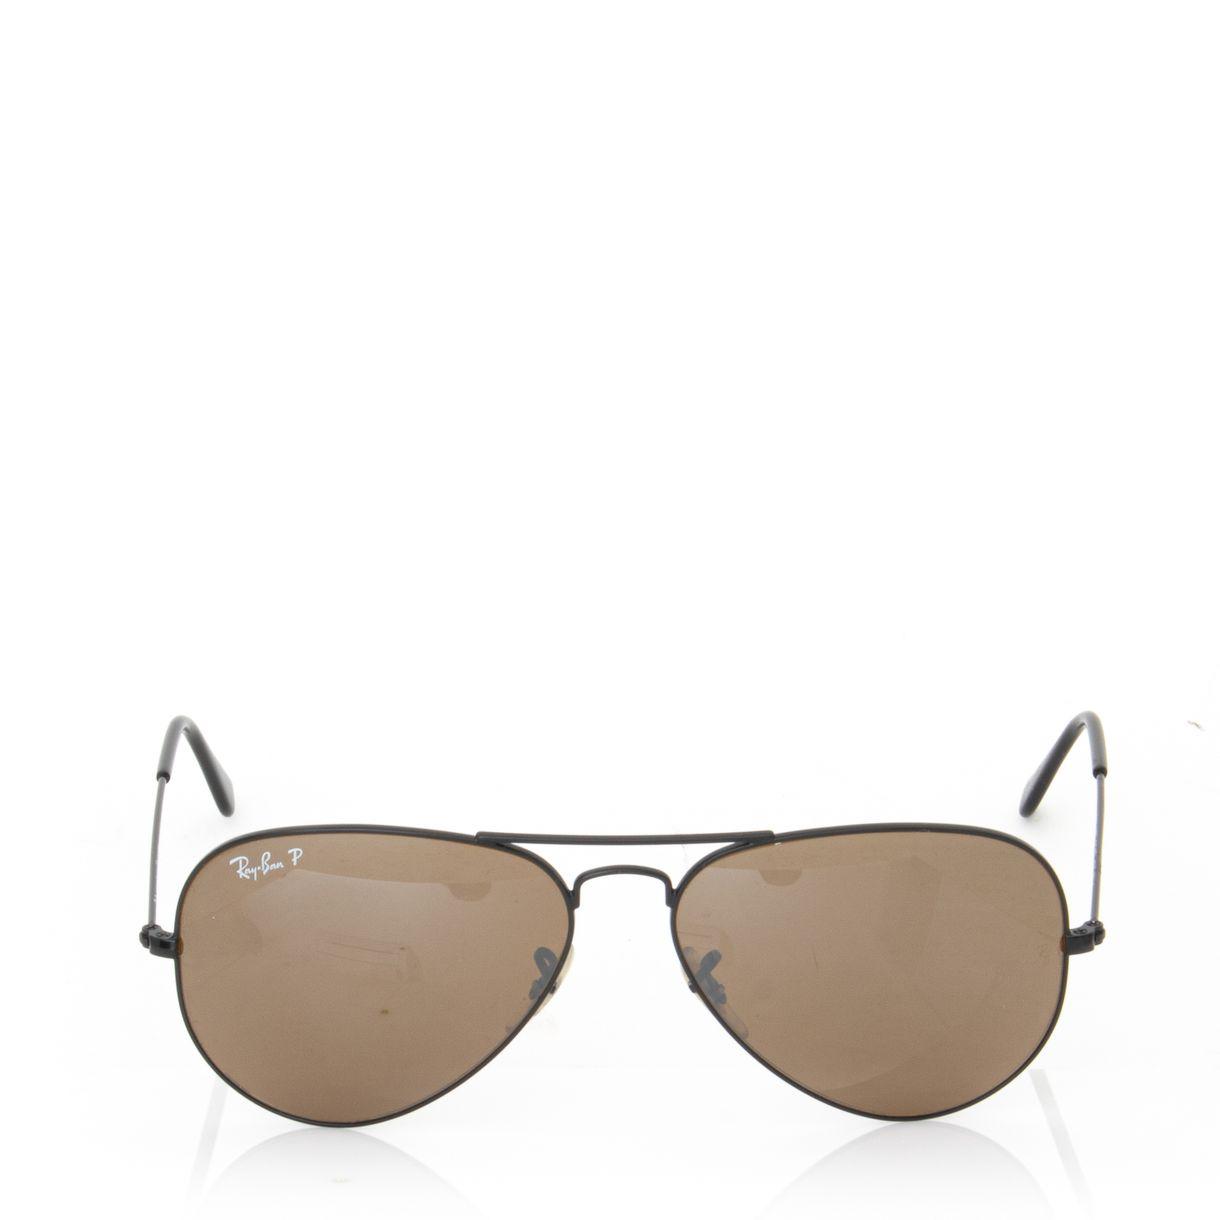 60076-Oculos-Ray-Ban-Aviador-Chumbo-1